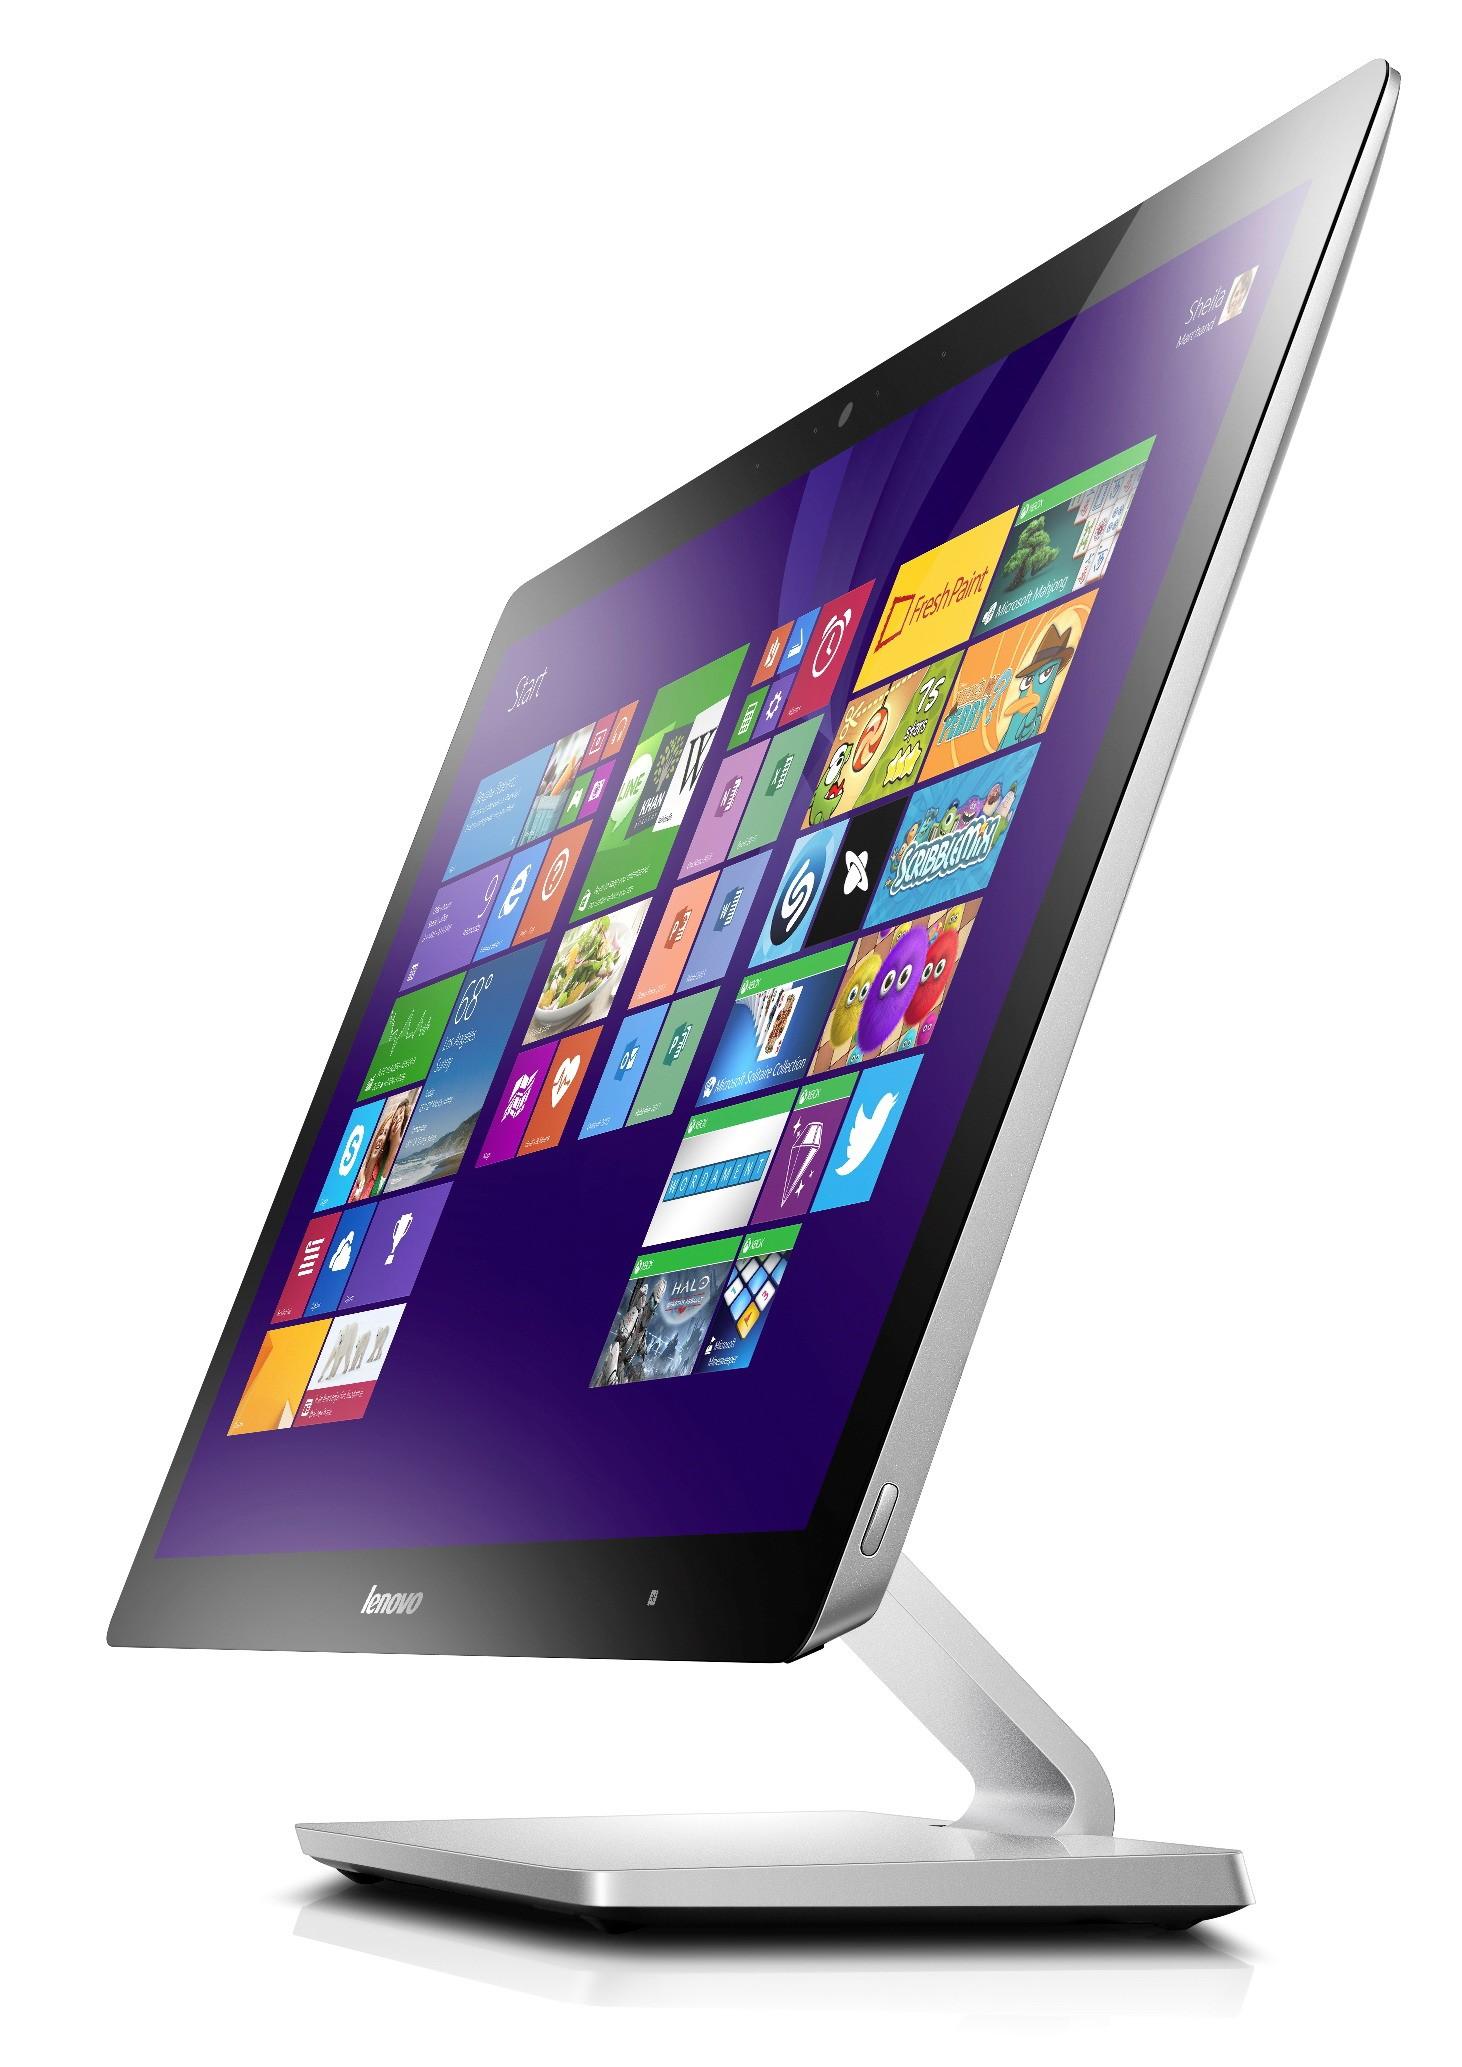 A740 Side - Lenovo ra mắt loạt sản phẩm hướng đến người dùng gia đình